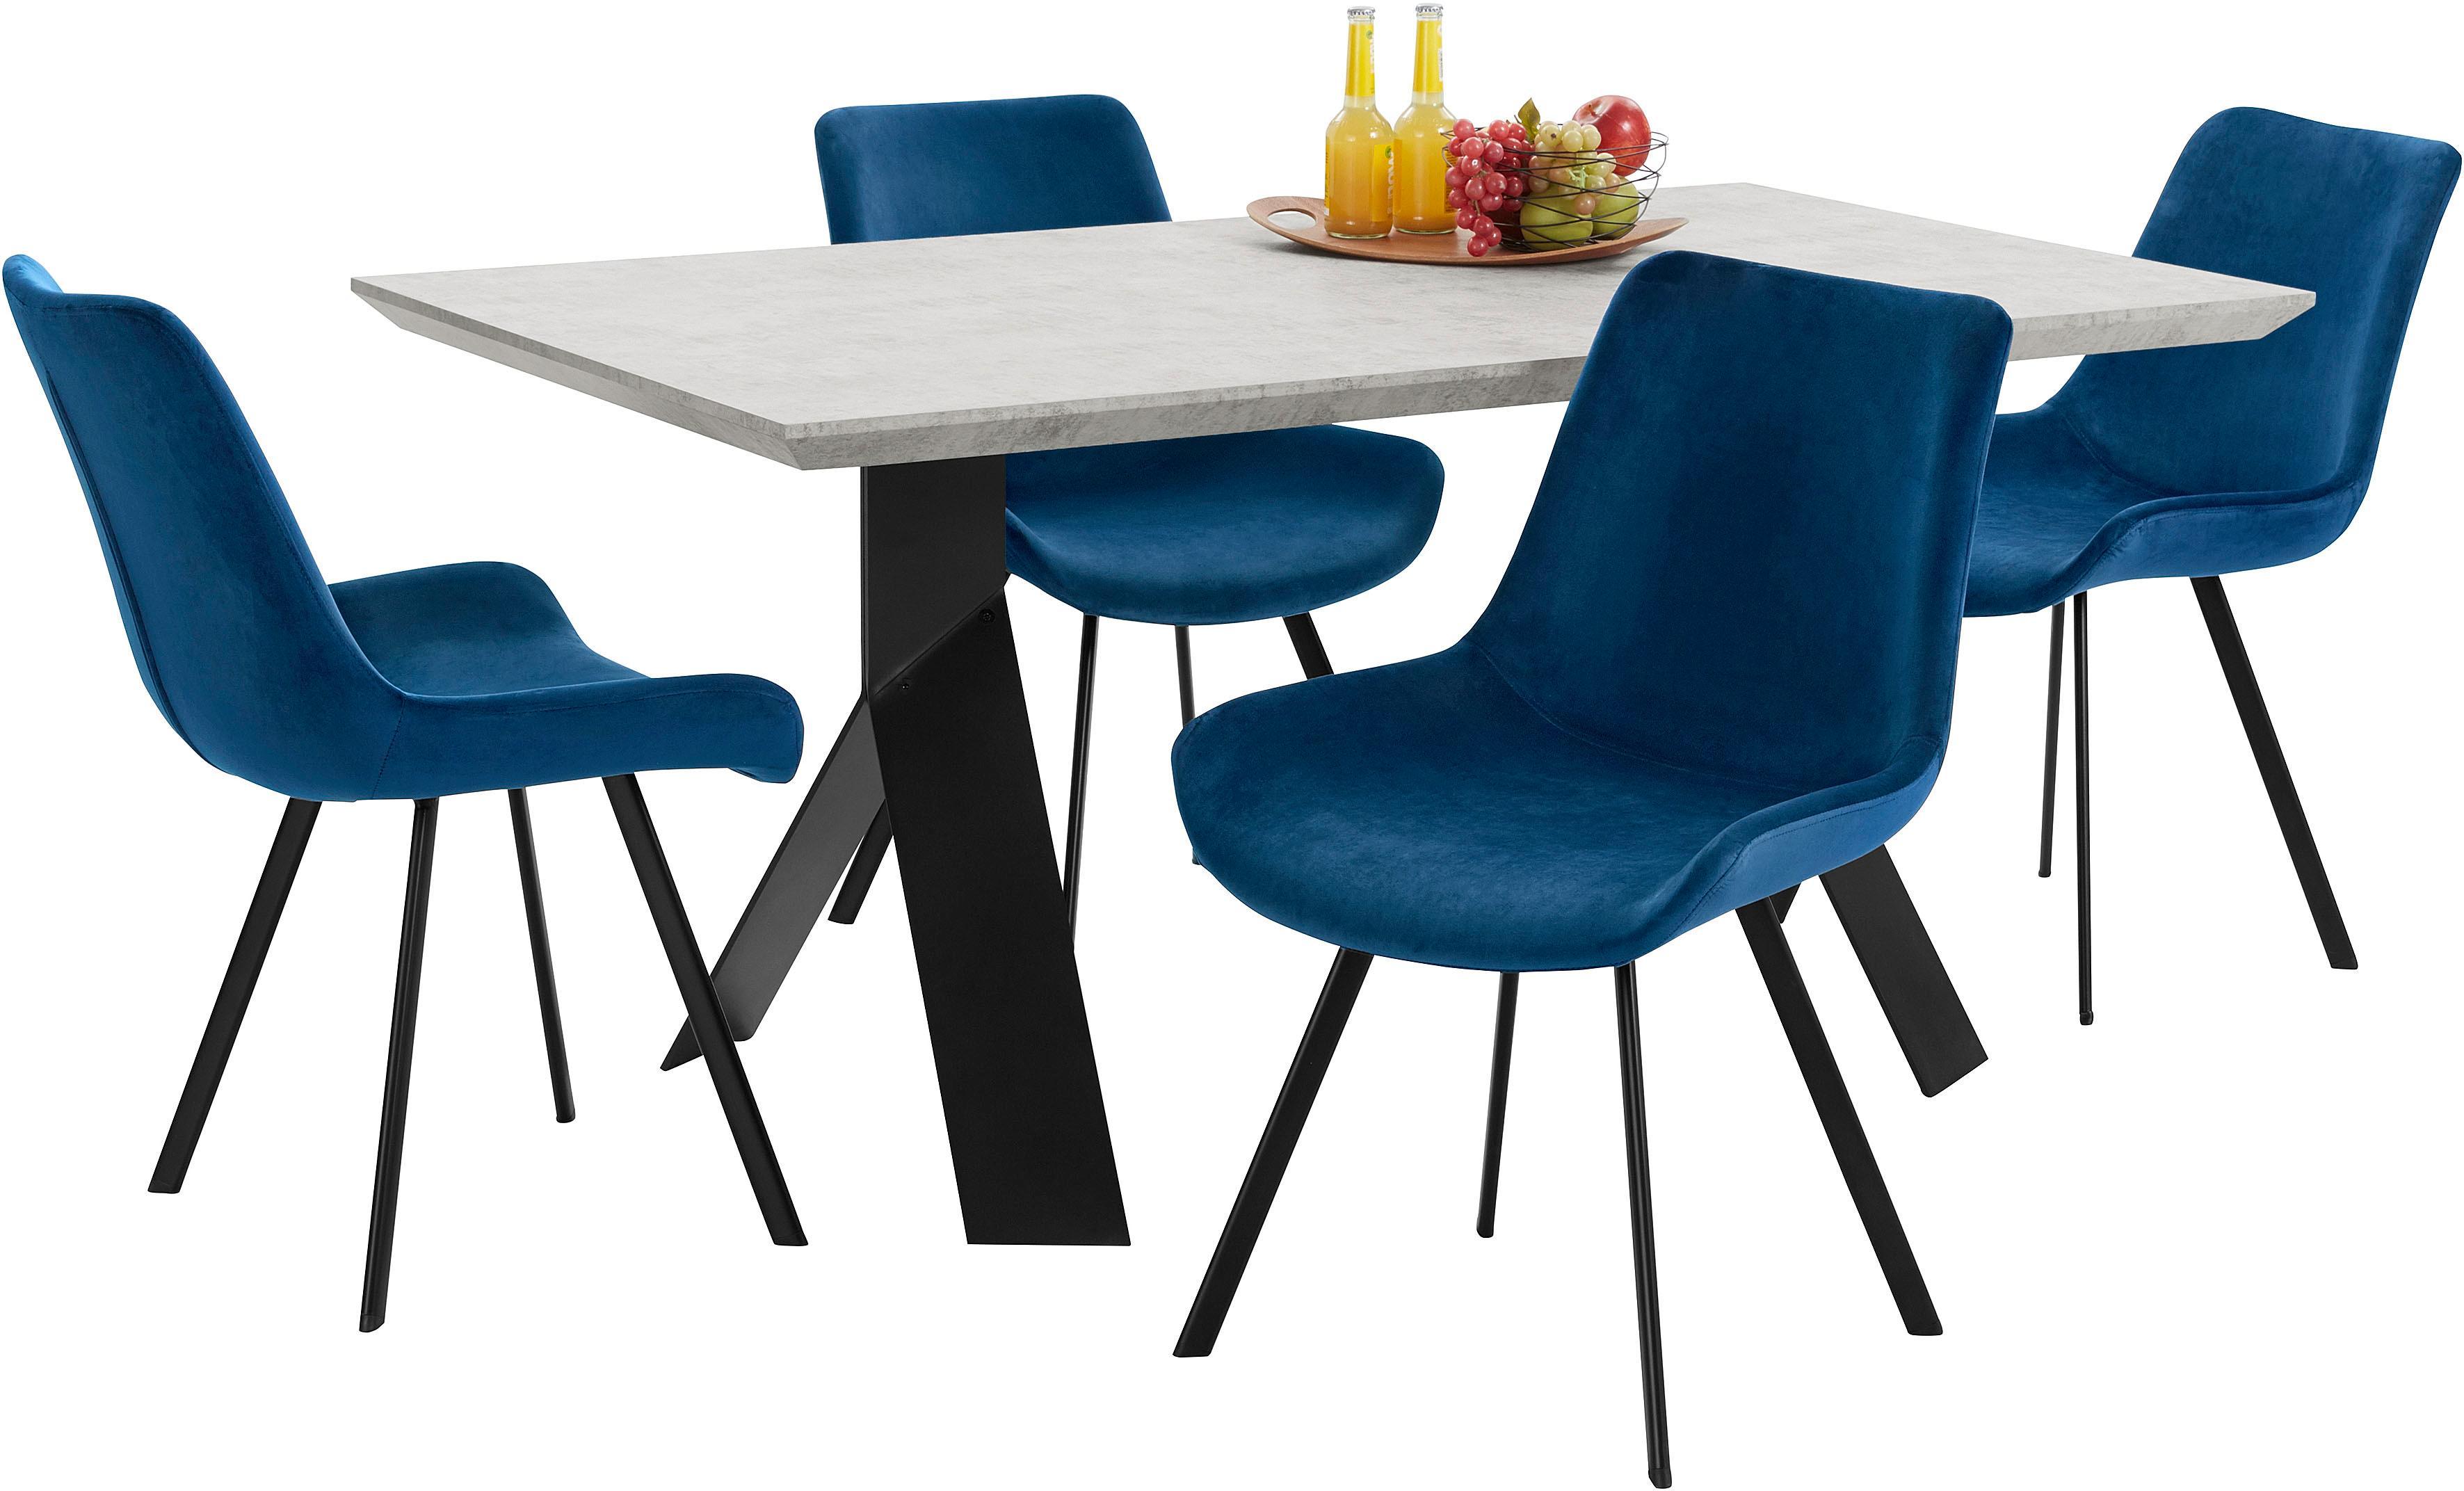 steiner Esszimmerstühle online kaufen | Möbel-Suchmaschine ...